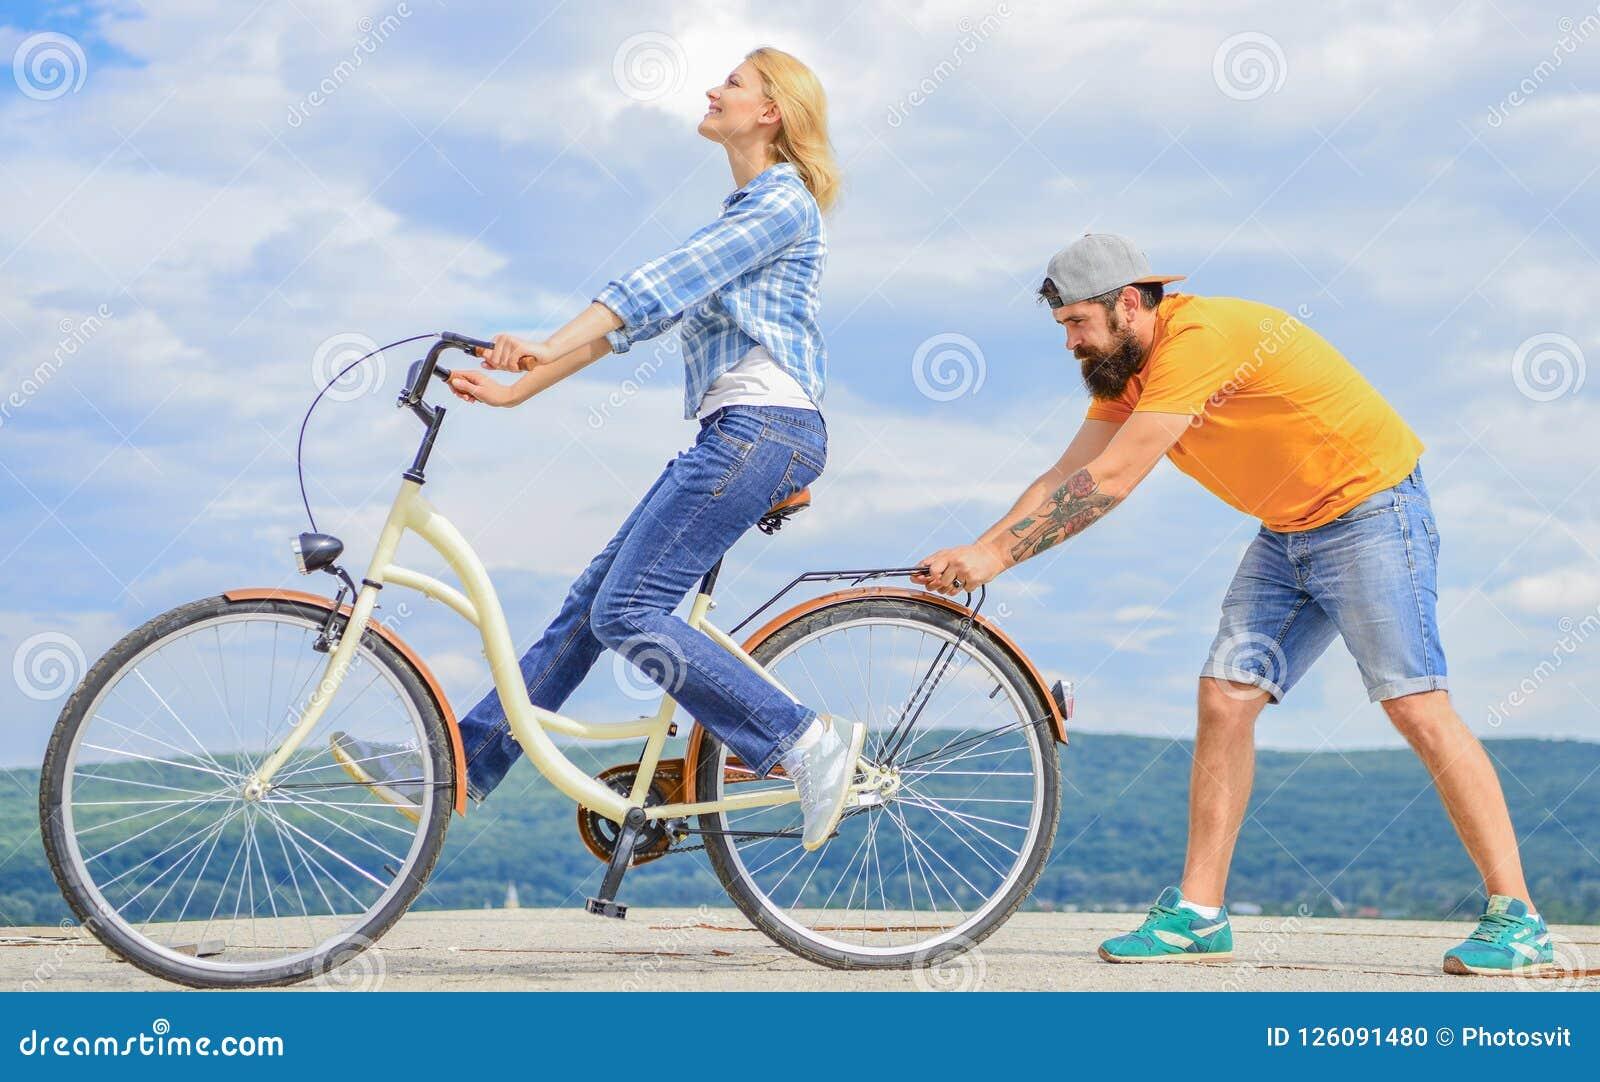 Comment apprendre à monter le vélo en tant qu adulte Fille faisant un cycle tandis que l ami la soutiennent Enseignez l adulte à